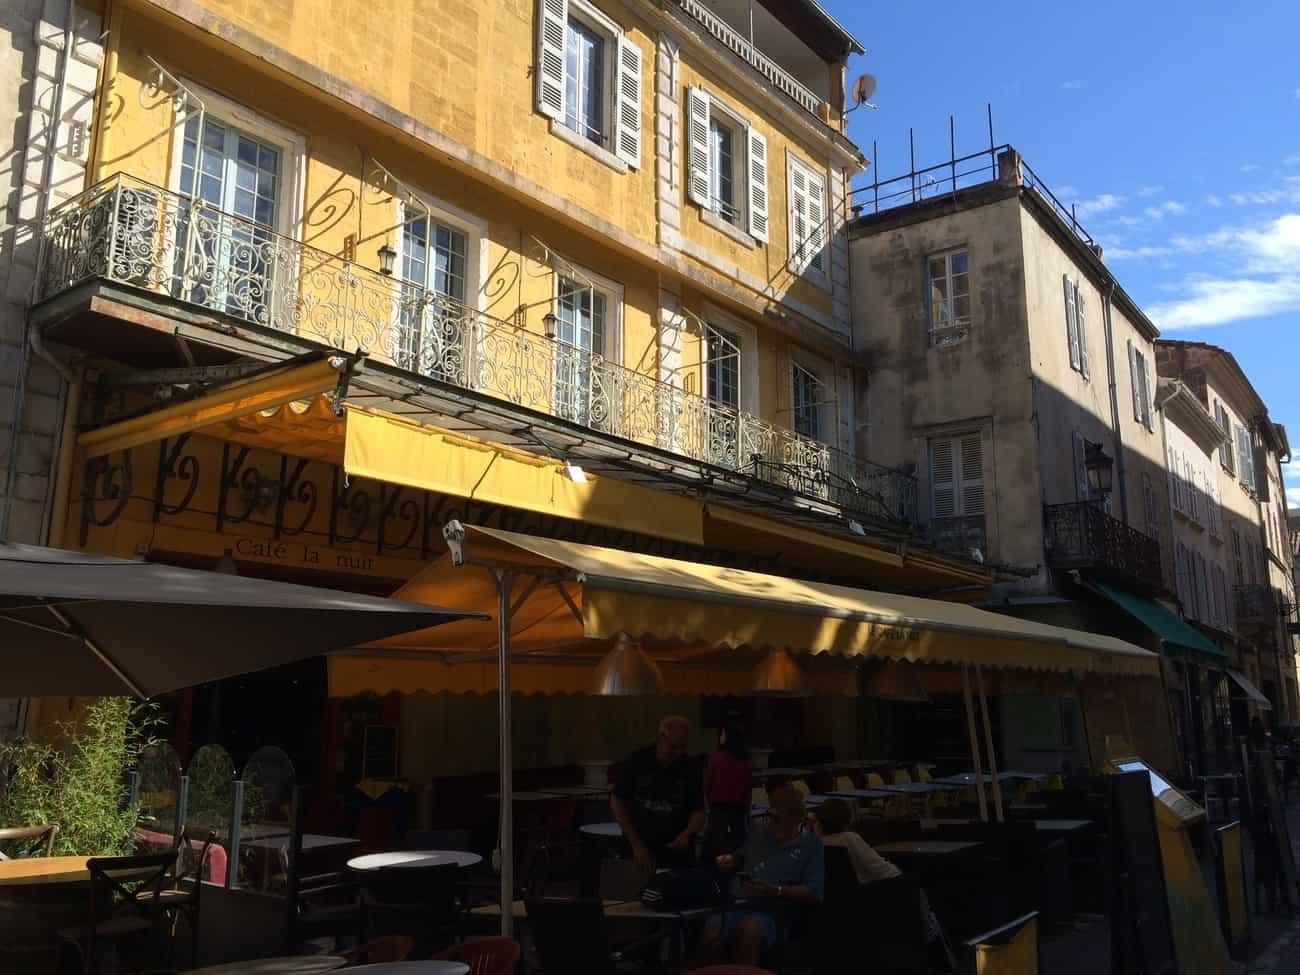 Arles - Van Gogh trail - Le Café Le Soir today